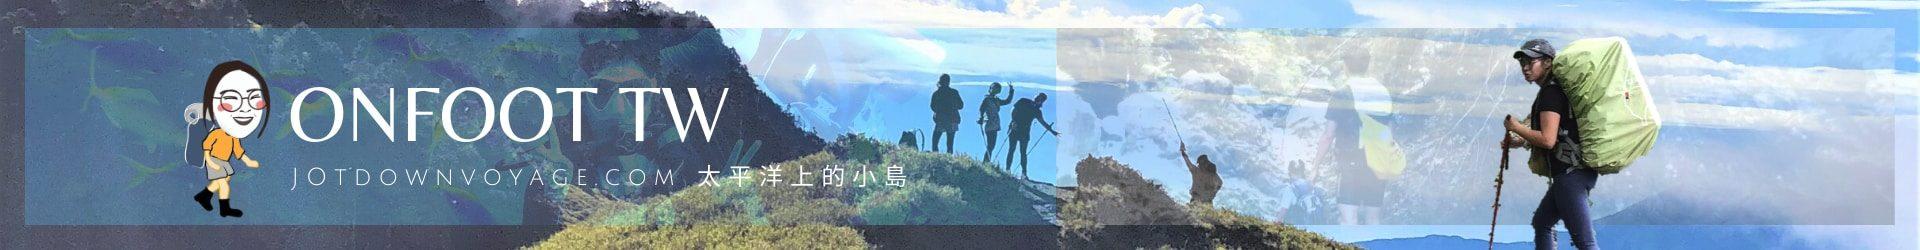 【旅行】2020 宜蘭南澳鄉!旅行景點推薦懶人包(附地圖)